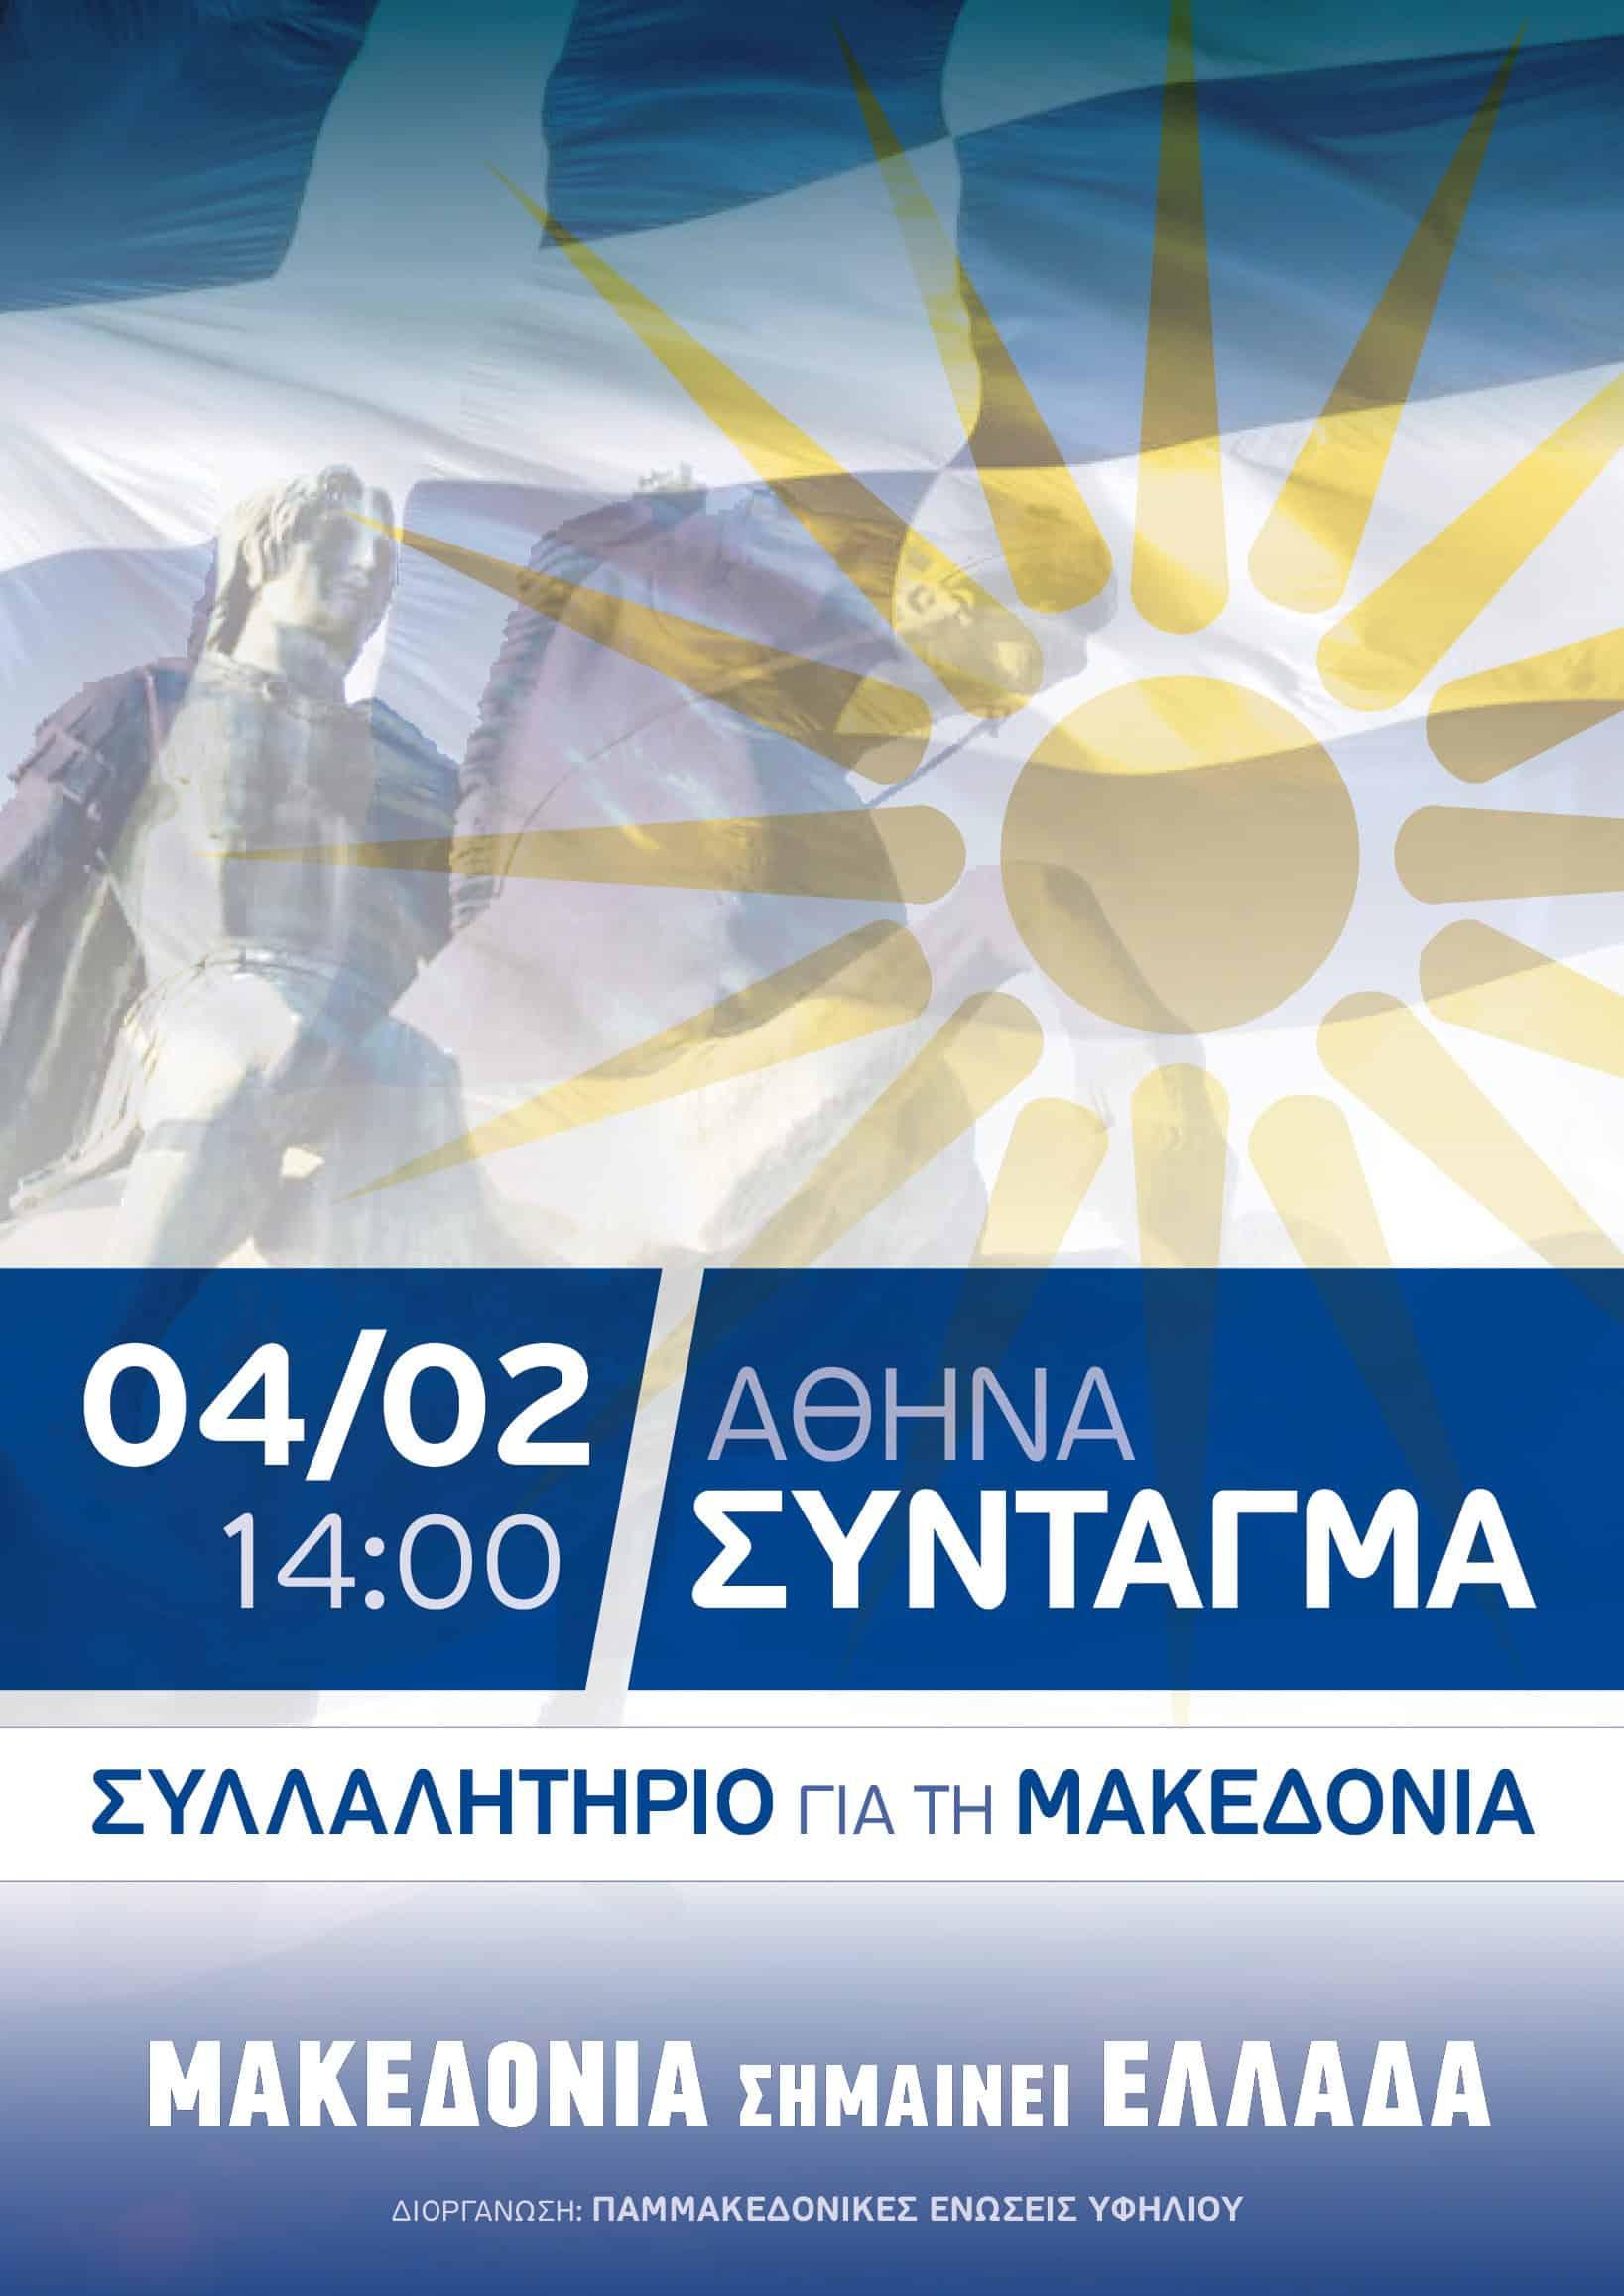 syllalithrio athhna gia makedonia afisa 01